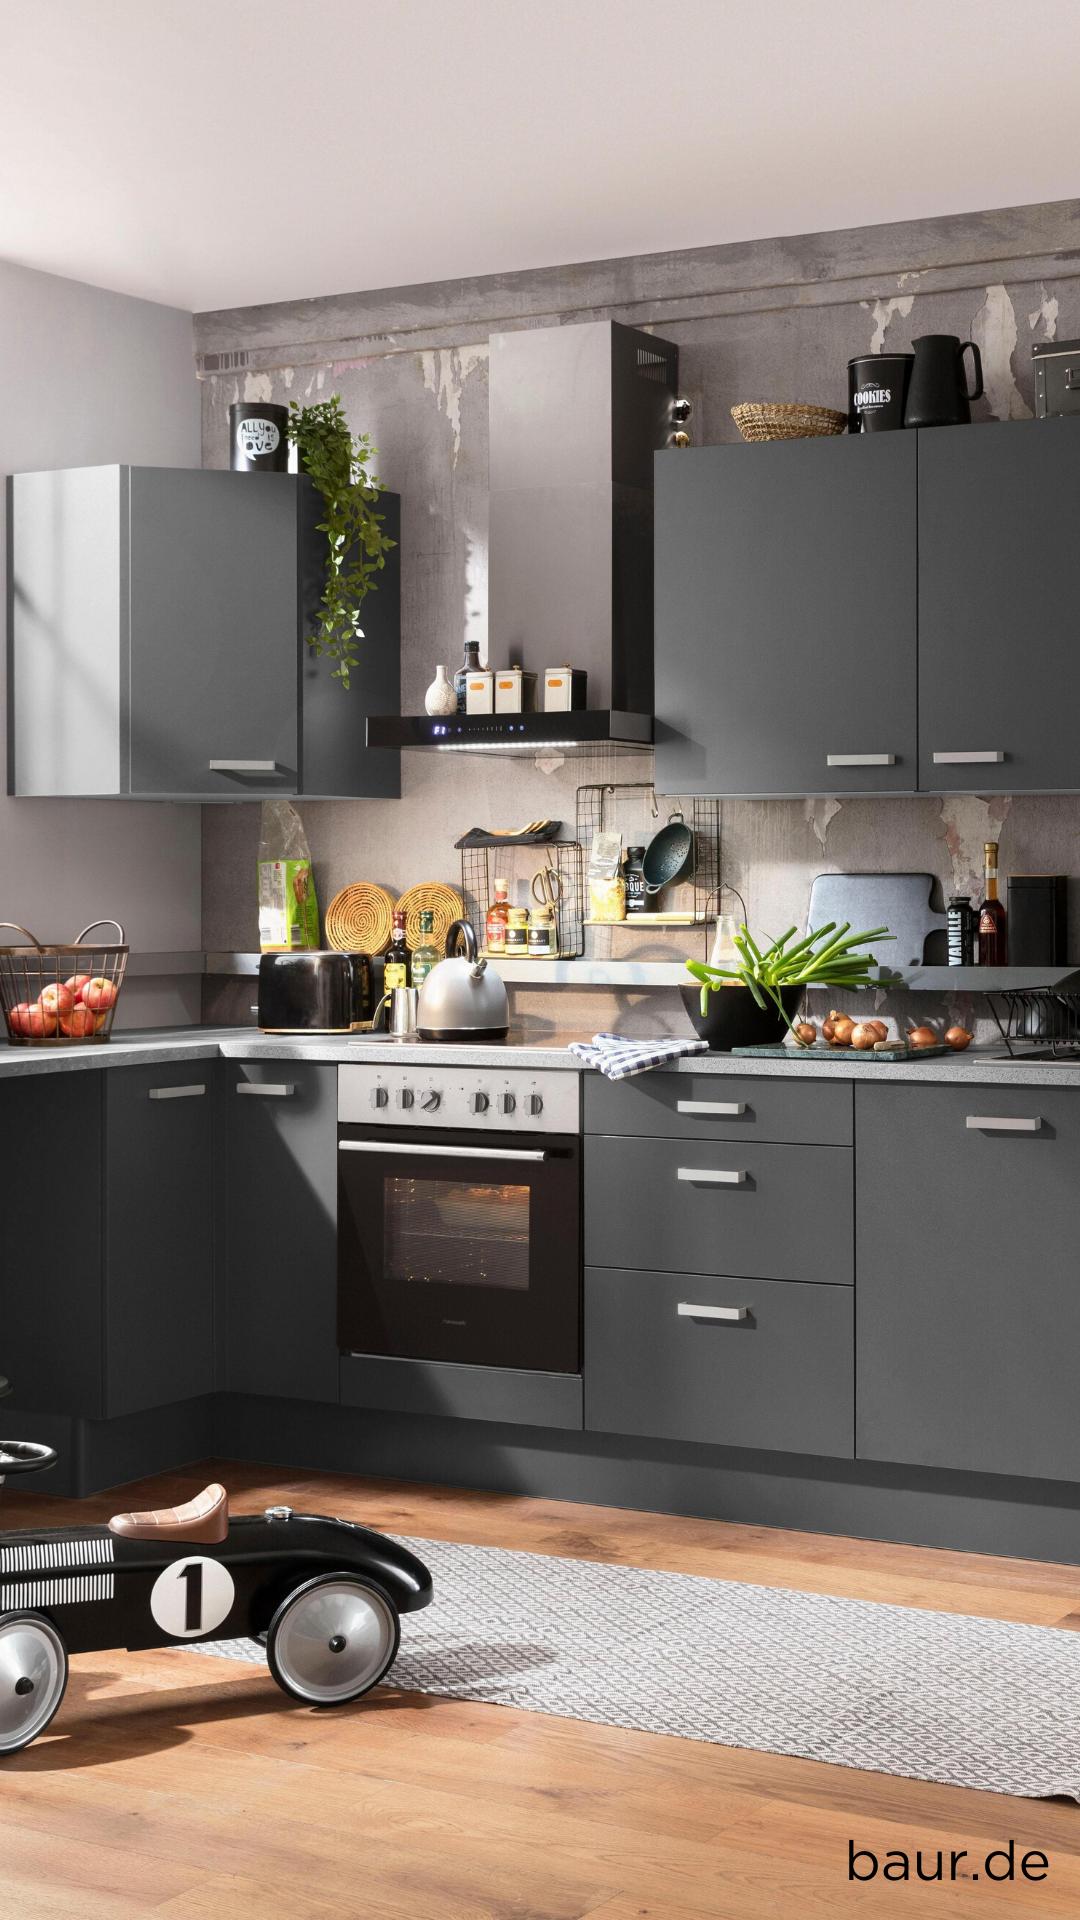 Küche einrichten mit baur.de – Inspiration und Einrichtungsideen